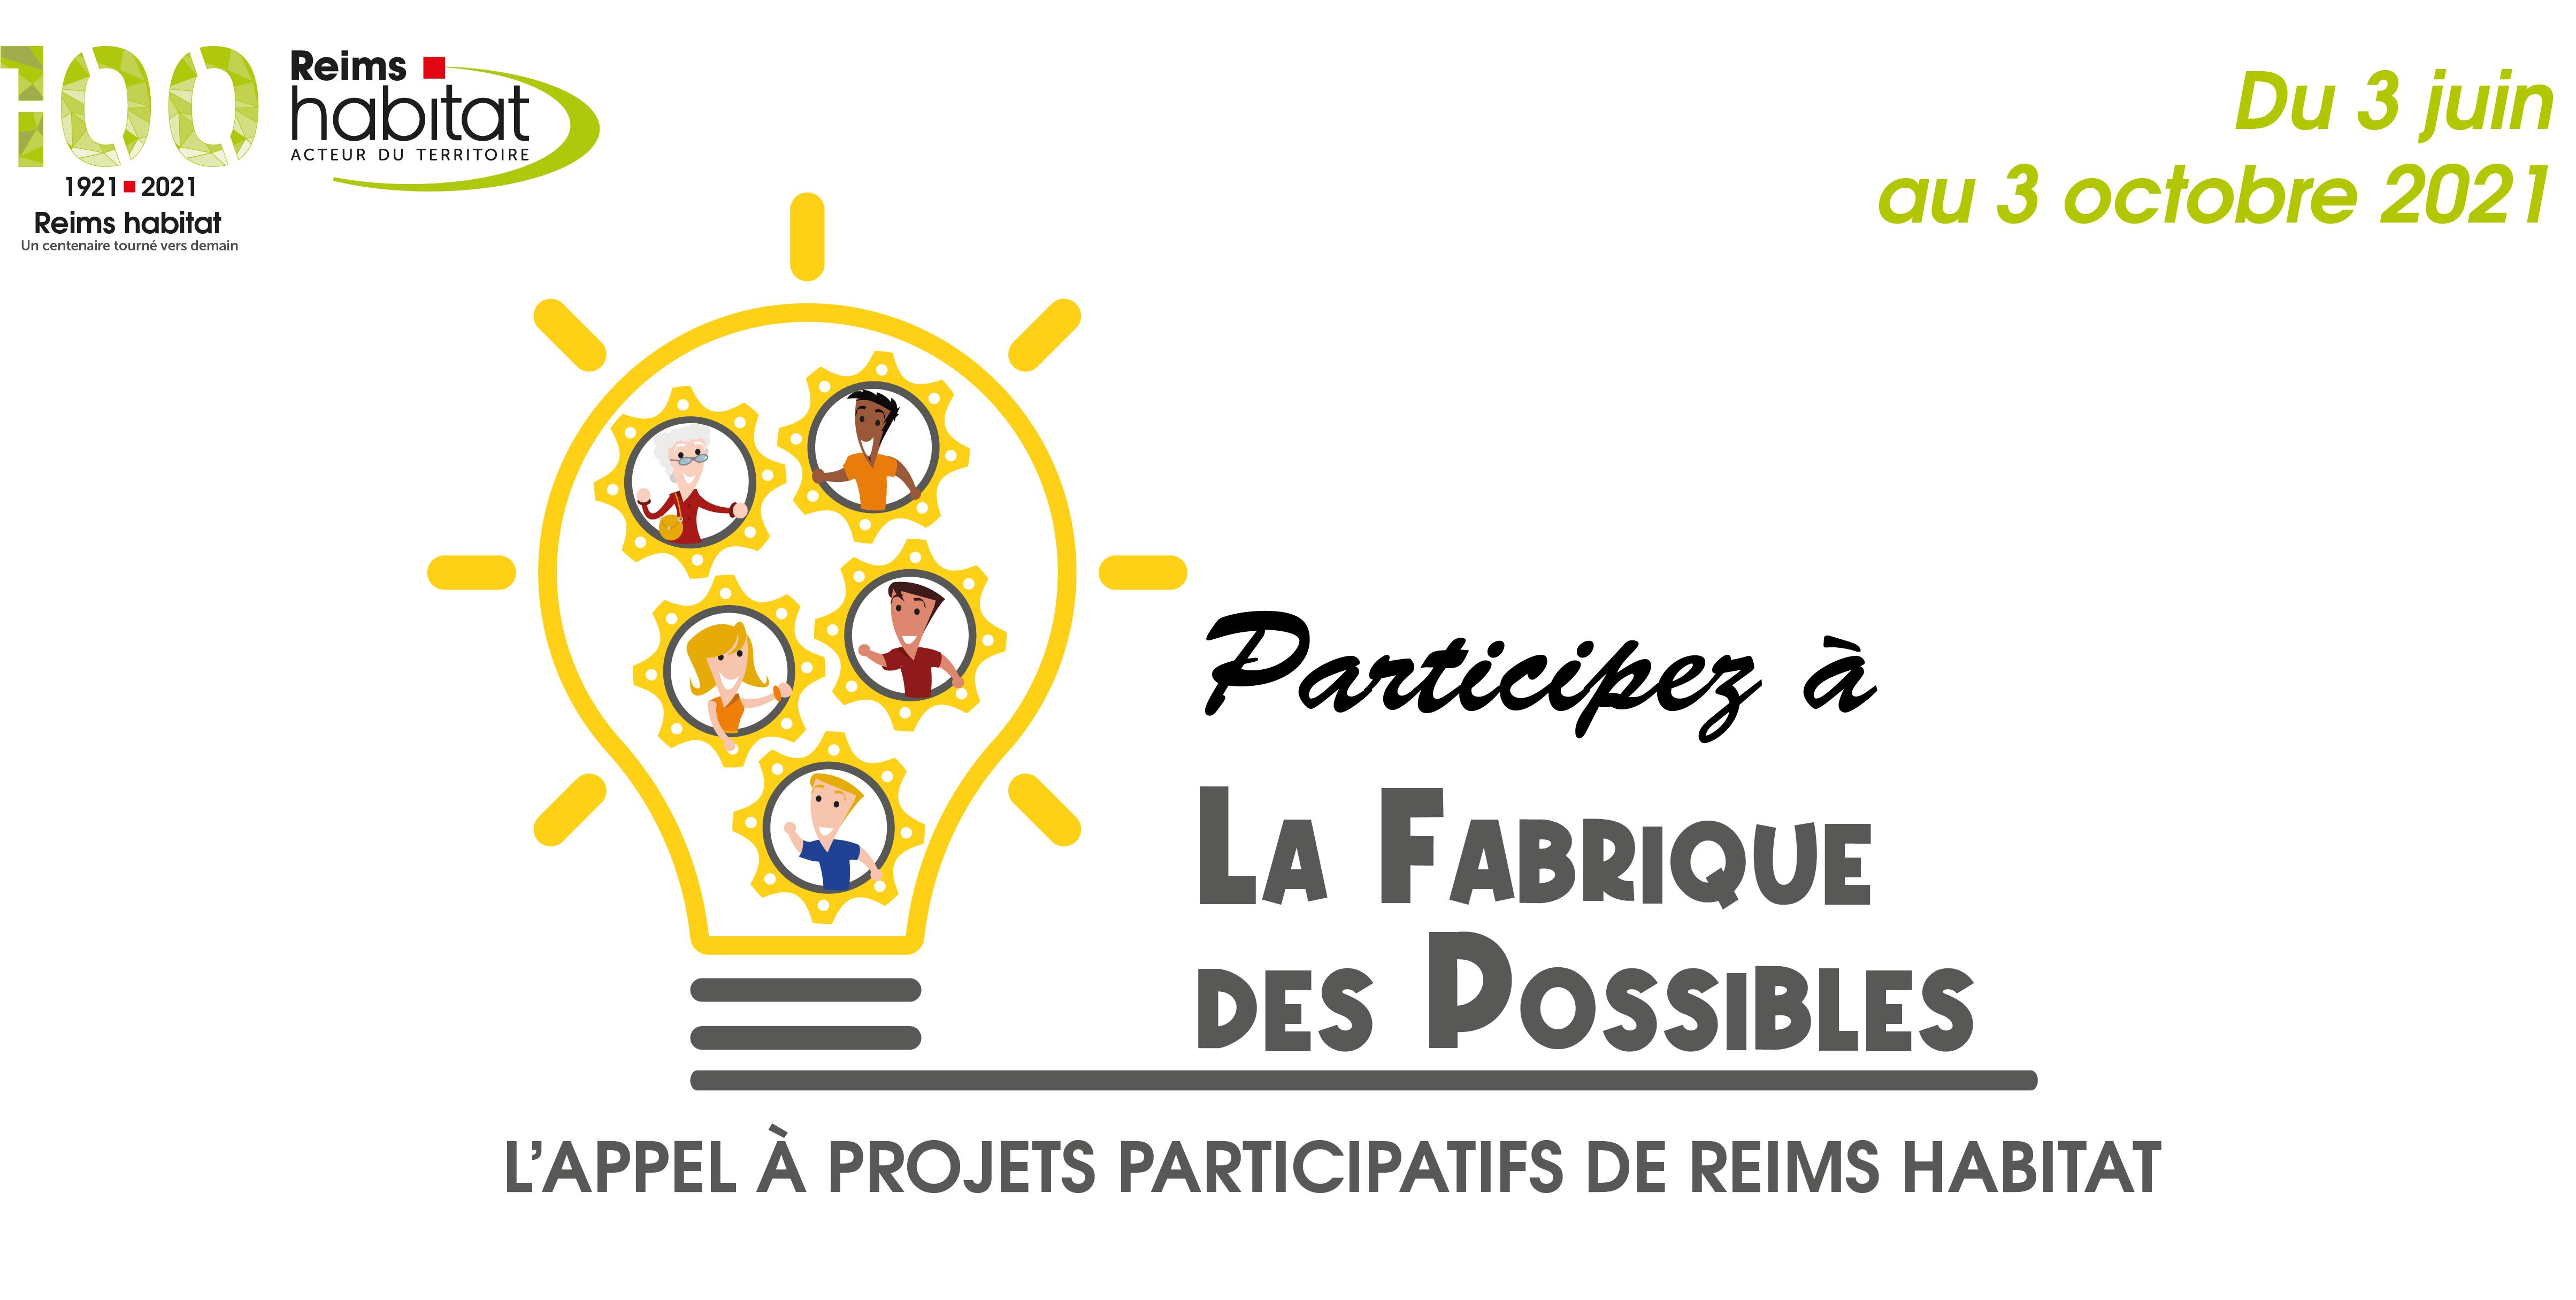 La Fabrique des Possibles : l'Appel à projets participatifs de Reims habitat